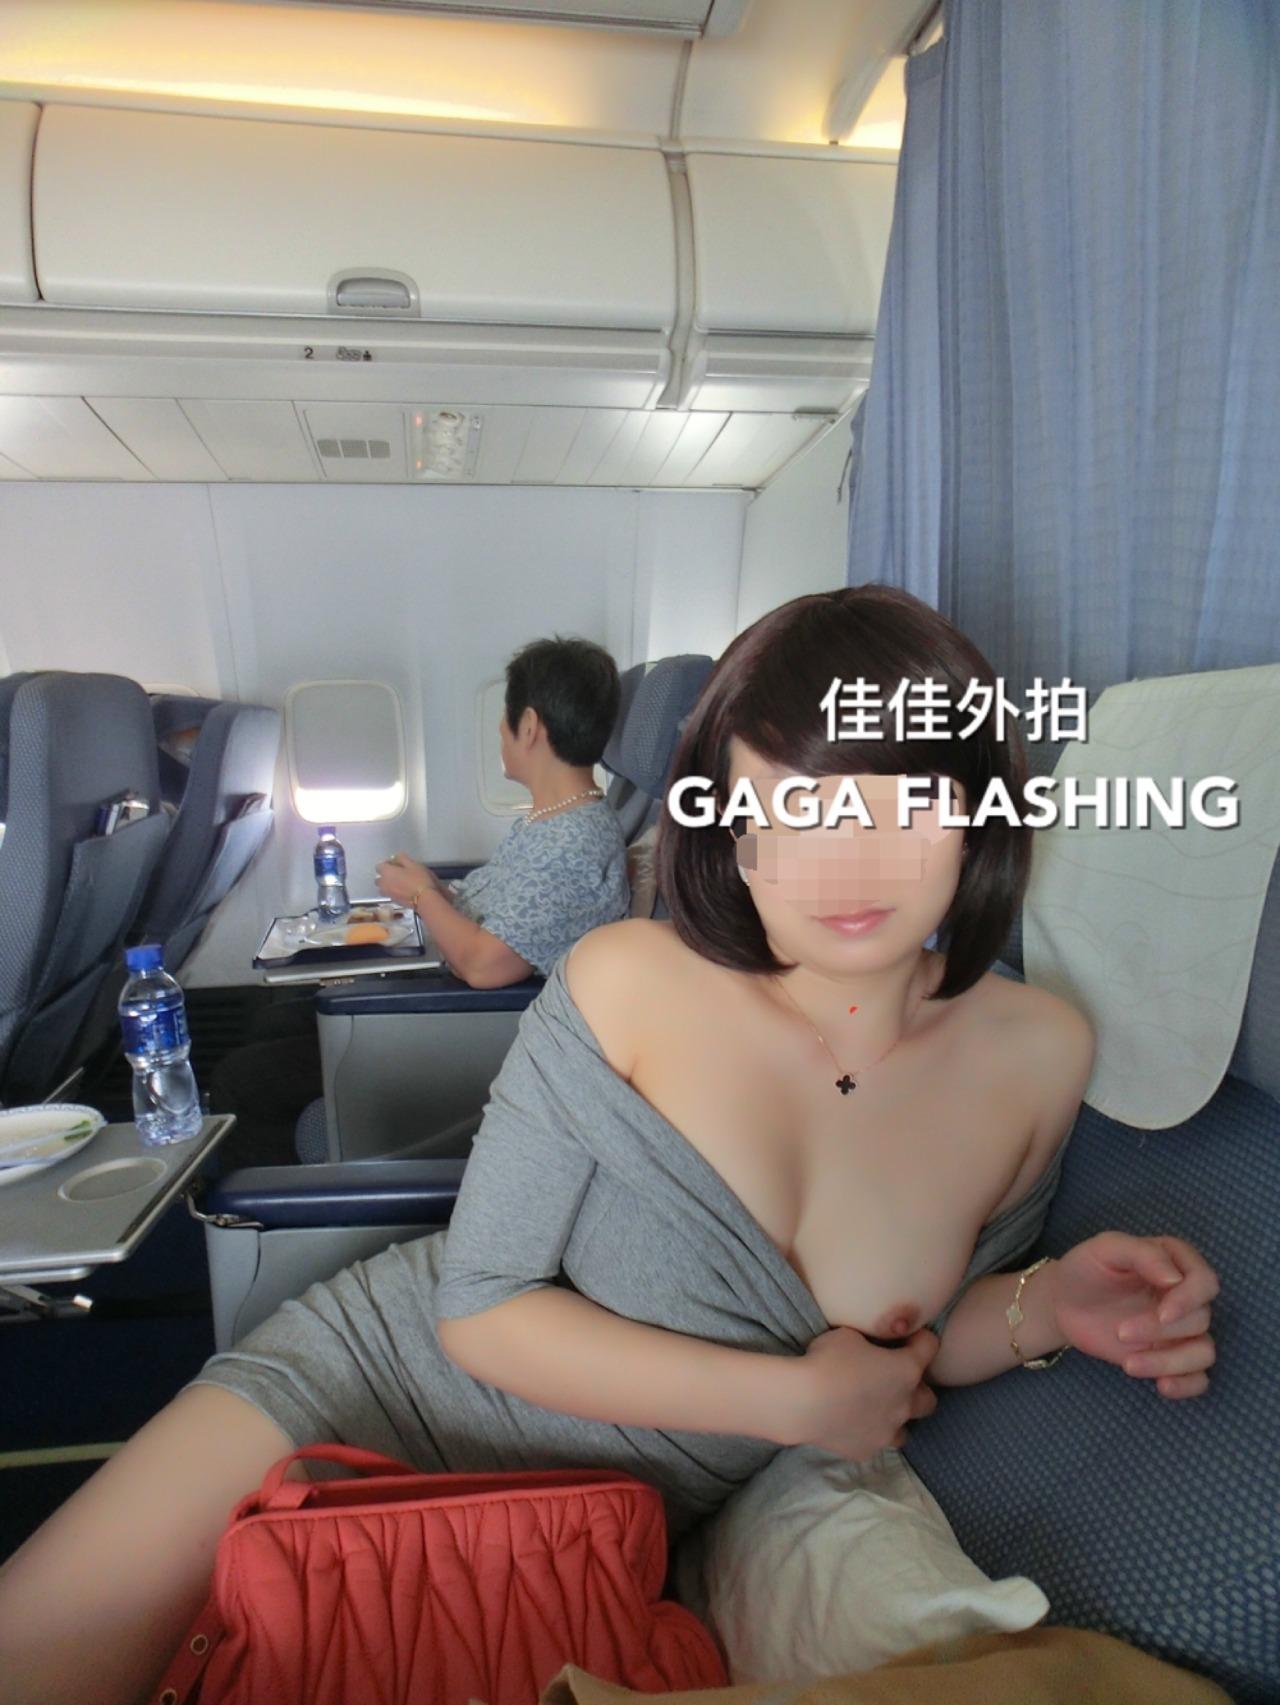 飛行機内で露出する変態外国人エロ画像・26枚目